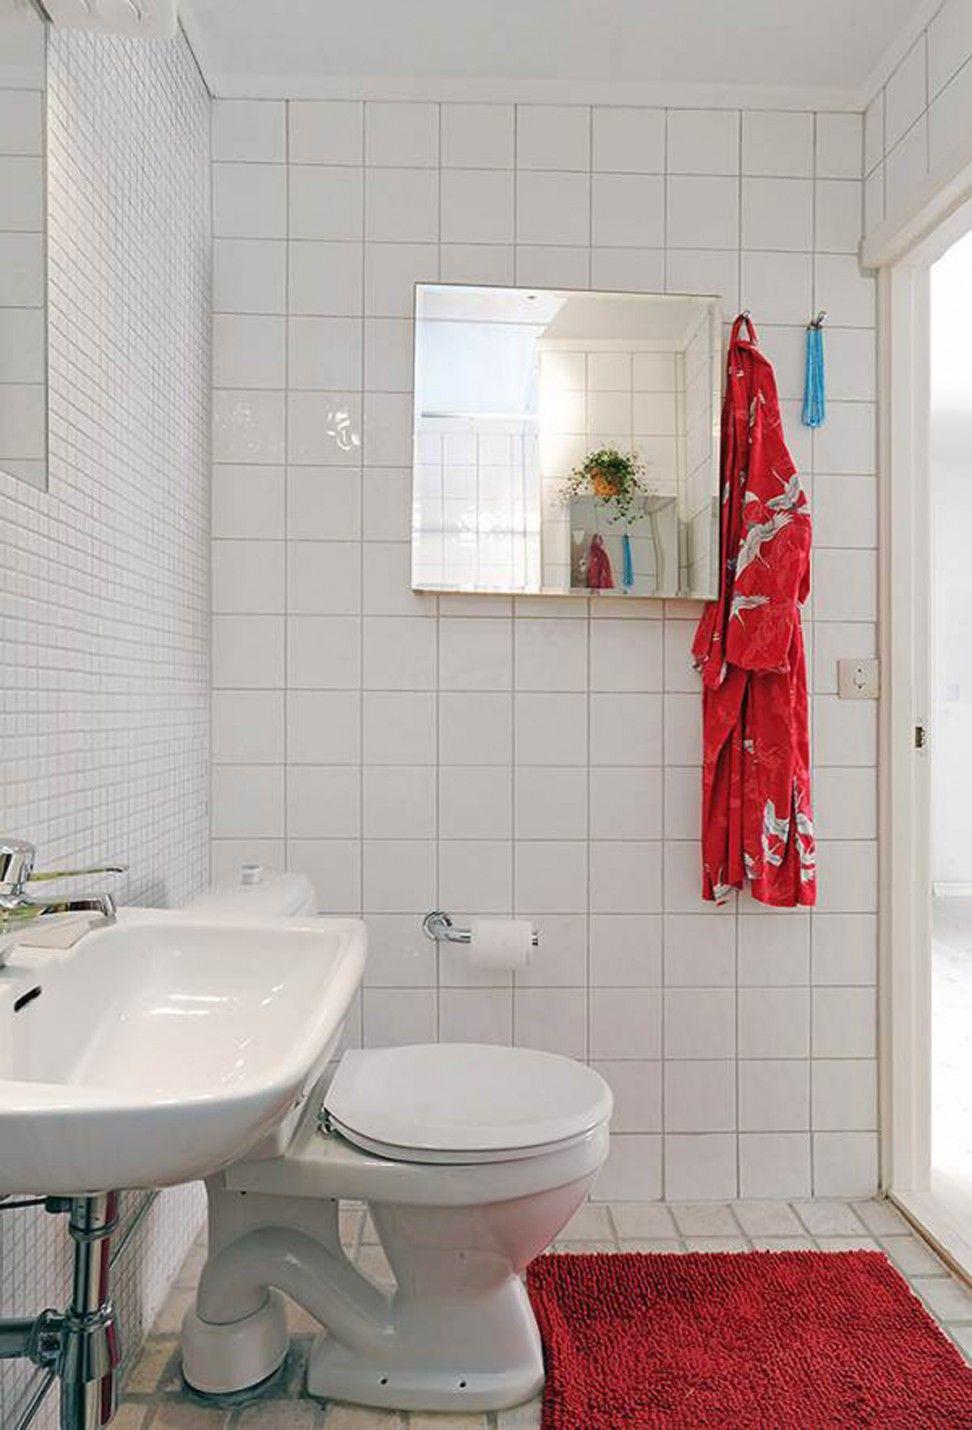 Simple Indian Bathroom Designs Bathroom Small Bathroom Designs Bathroom Designs India Bathroom Design Small Indian Bathroom